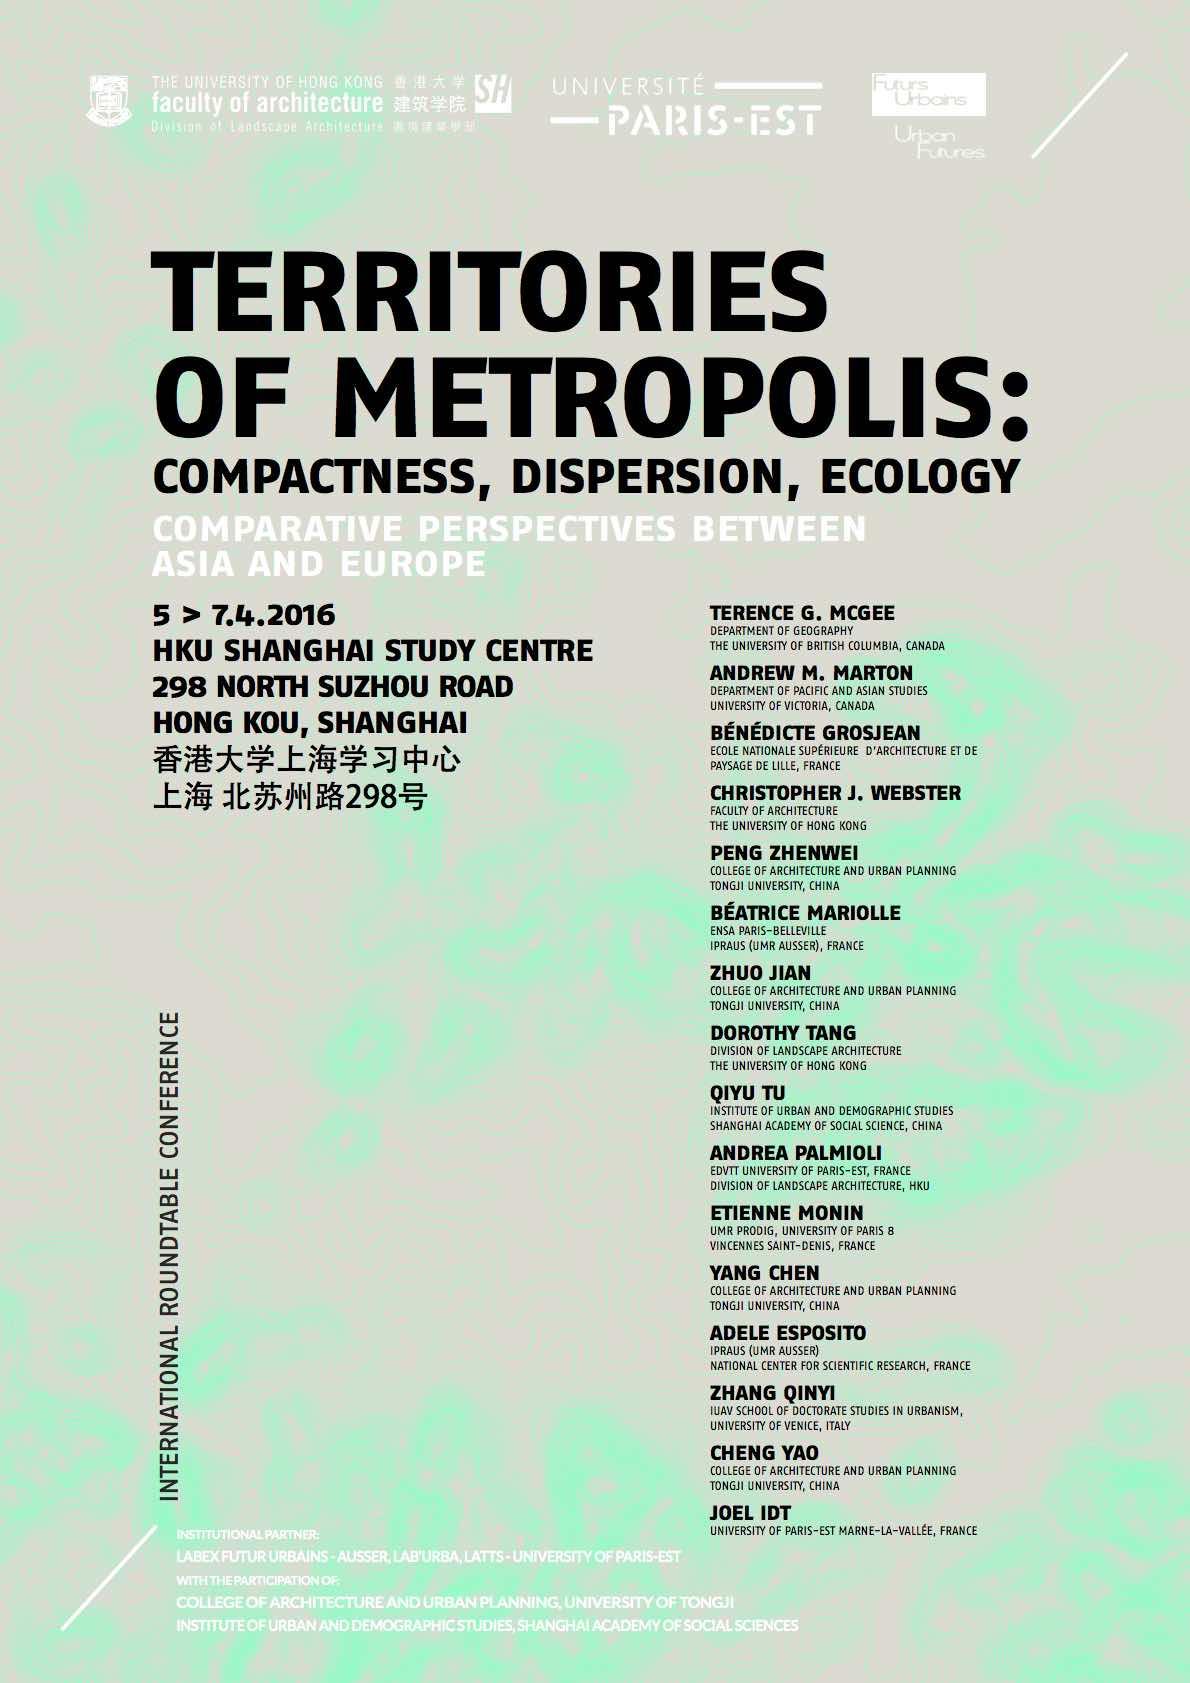 Poster_TERRITORIES OF METROPOLIS